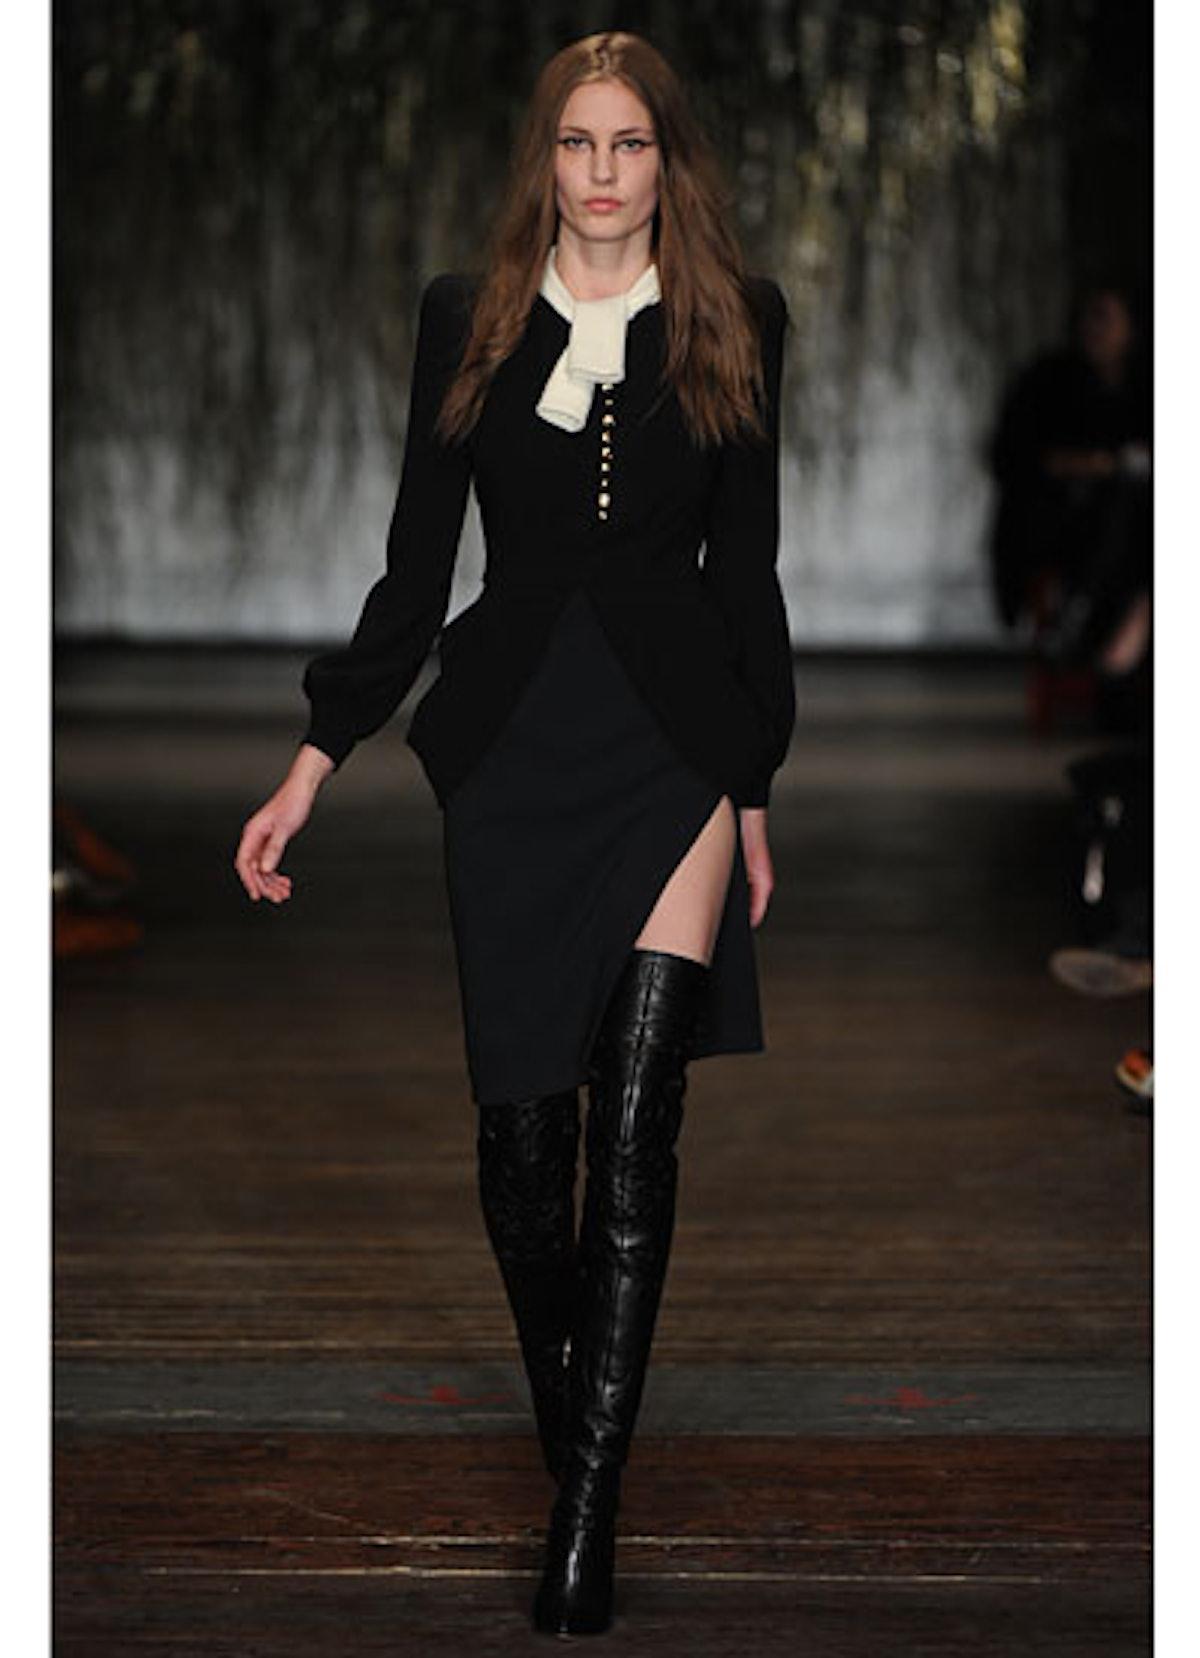 fass-fall-2012-fashion-roundup-37-v.jpg